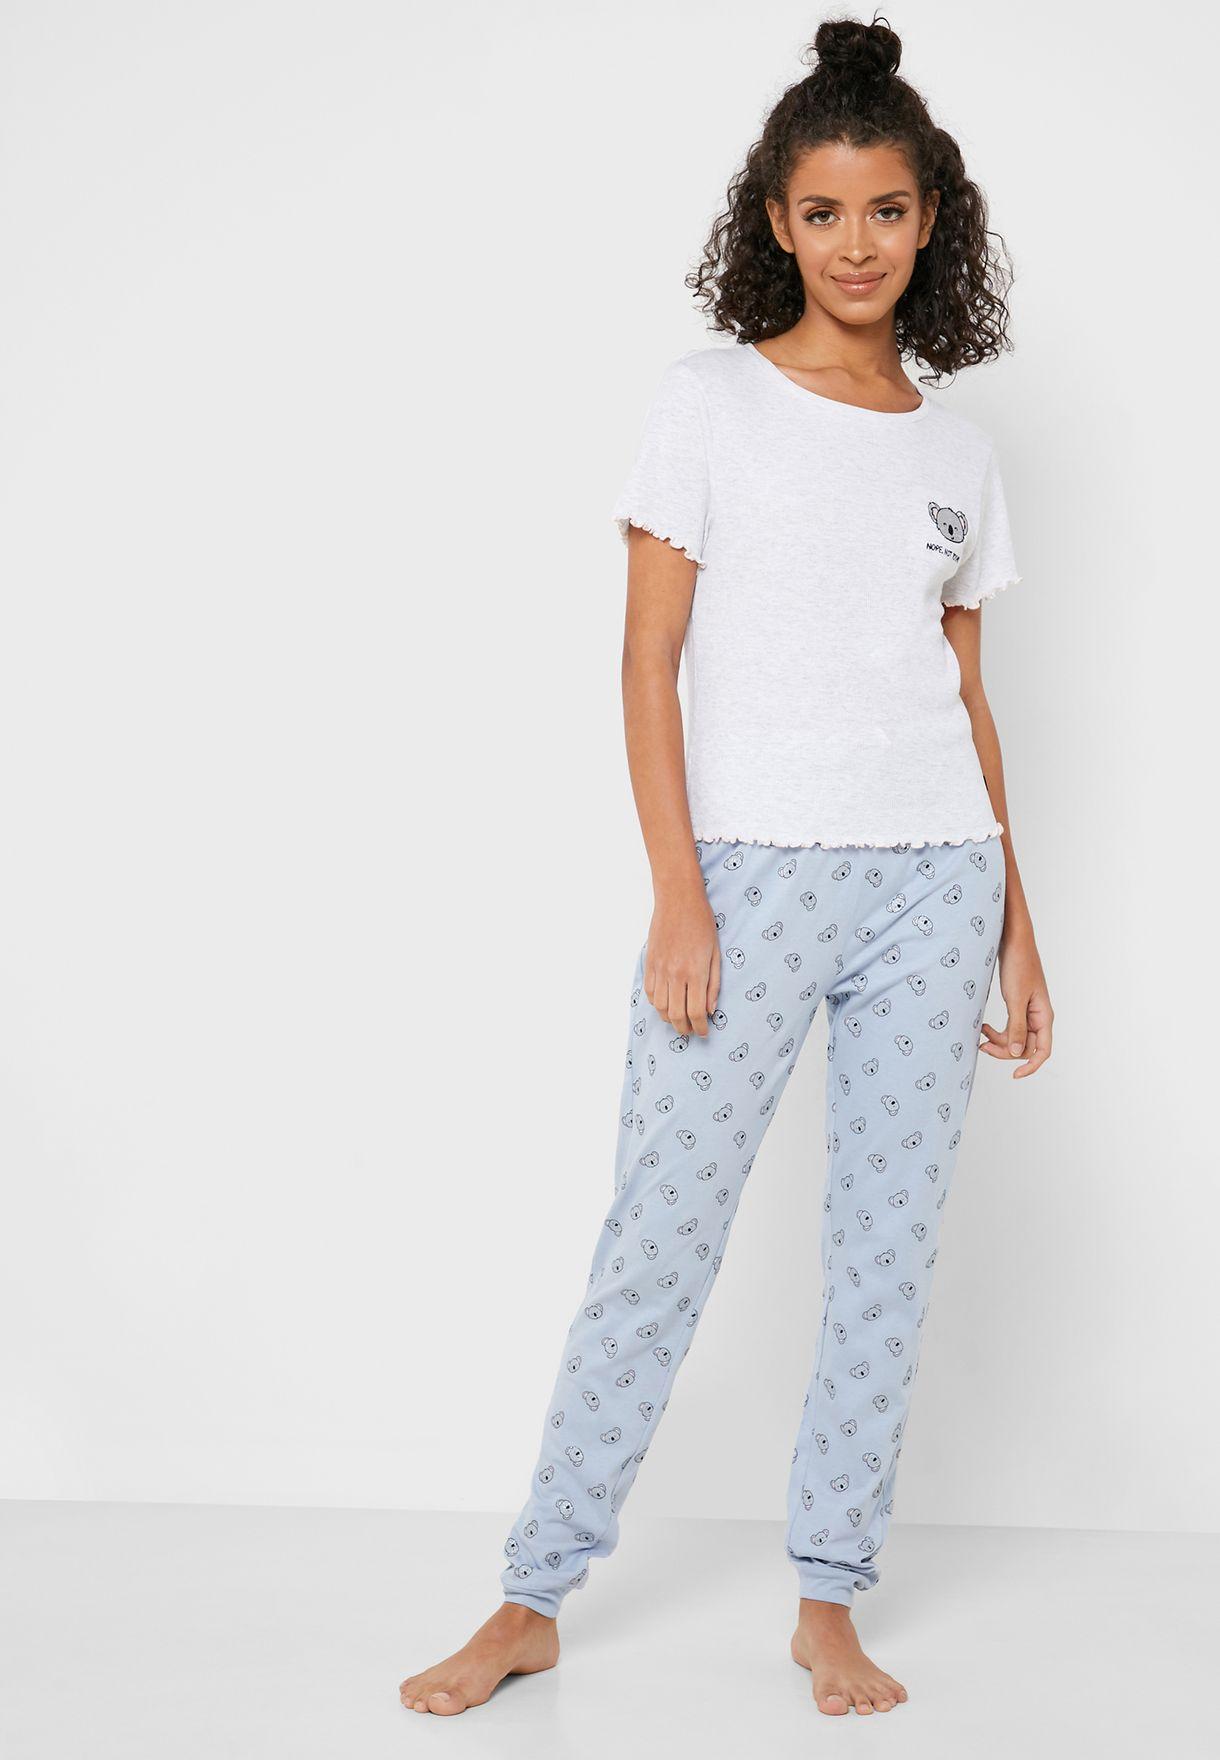 Slogan T-shirt and Pants Set